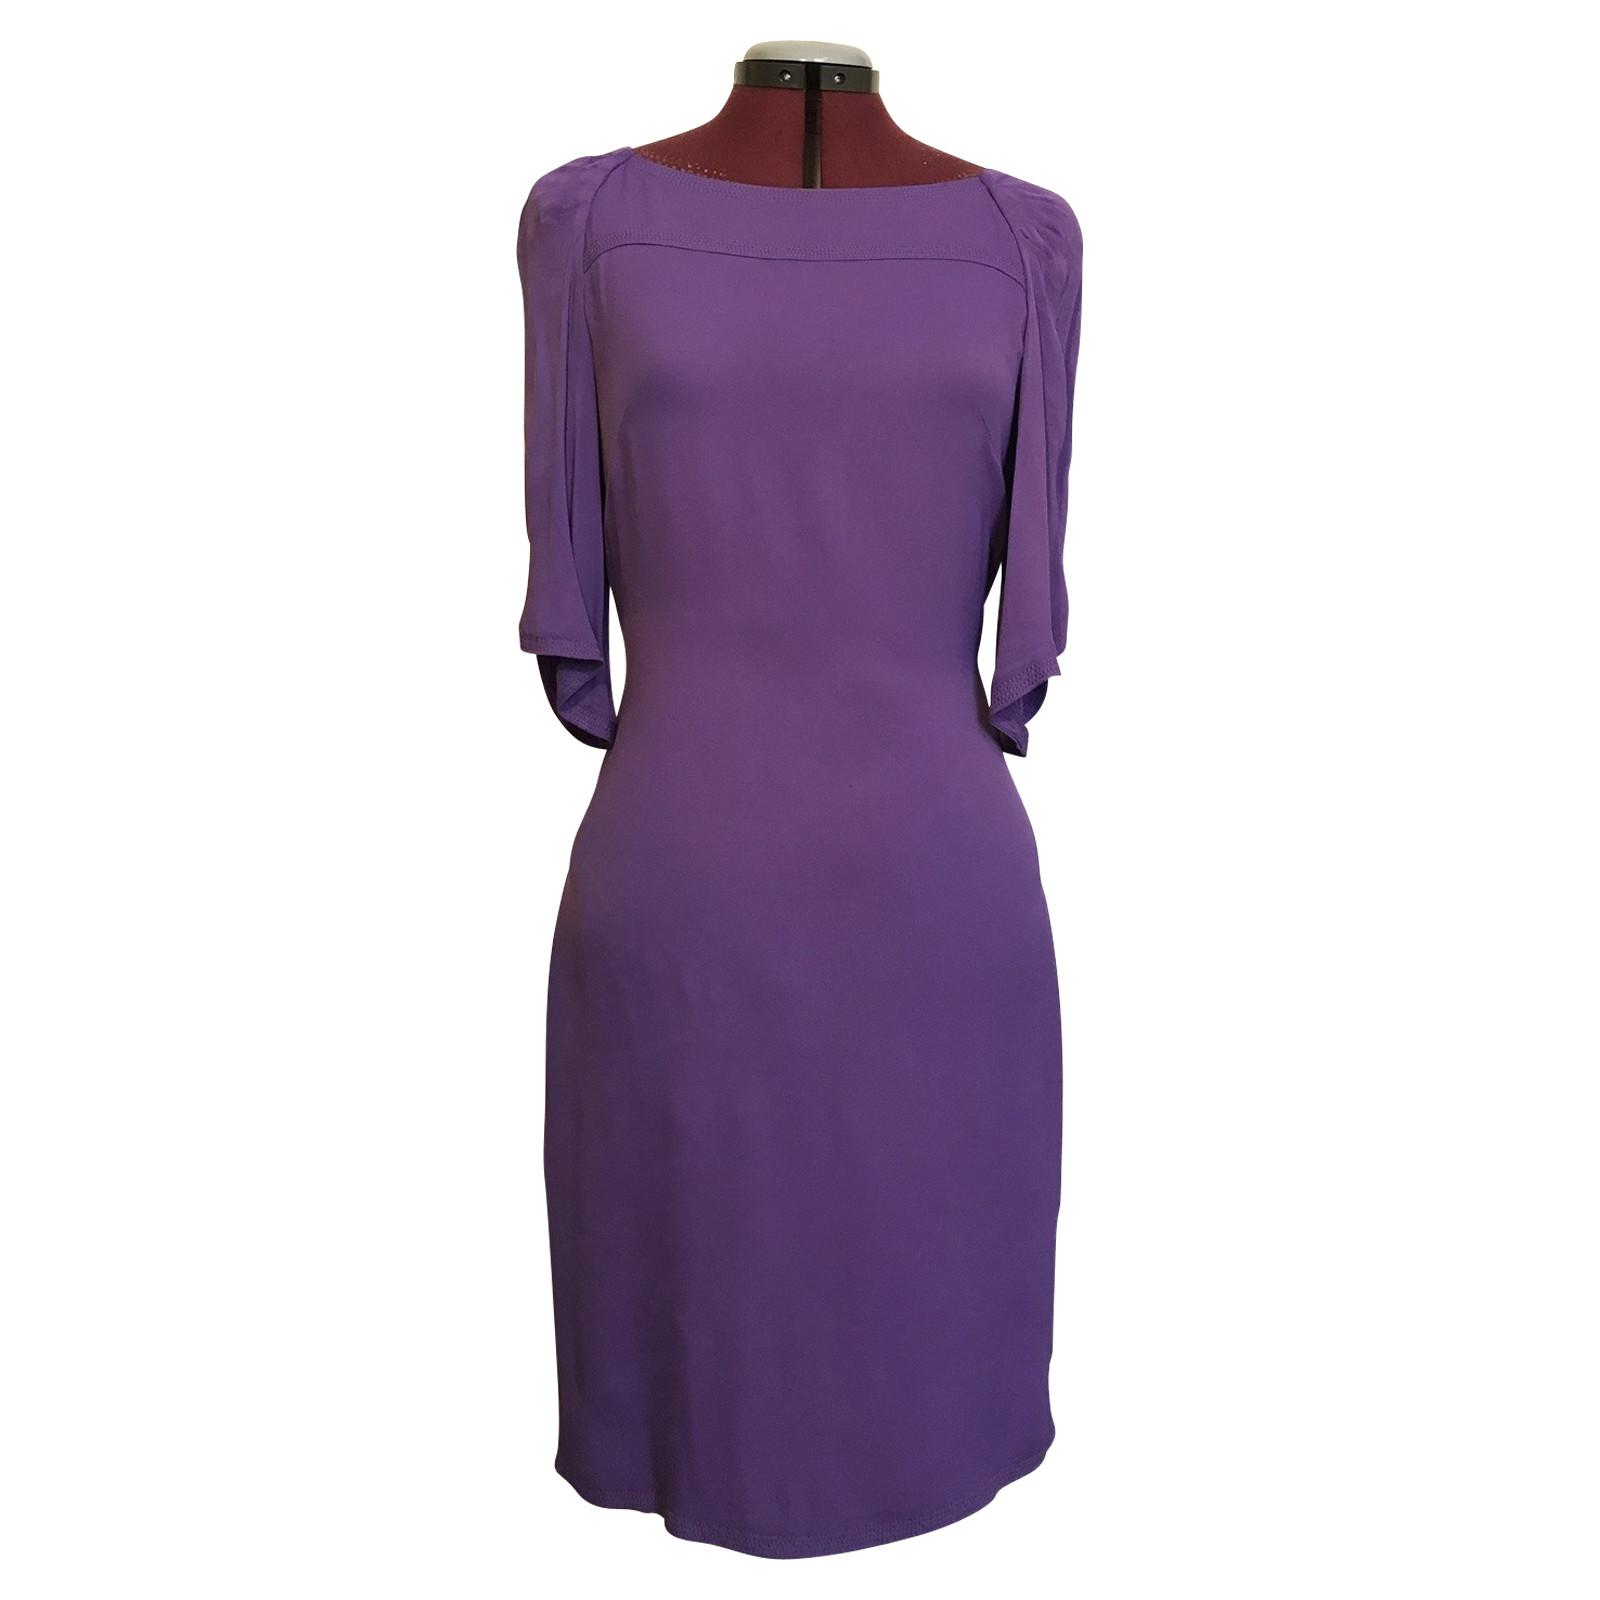 Roberto Cavalli Violettes Kleid mit Taschen - Second Hand Roberto